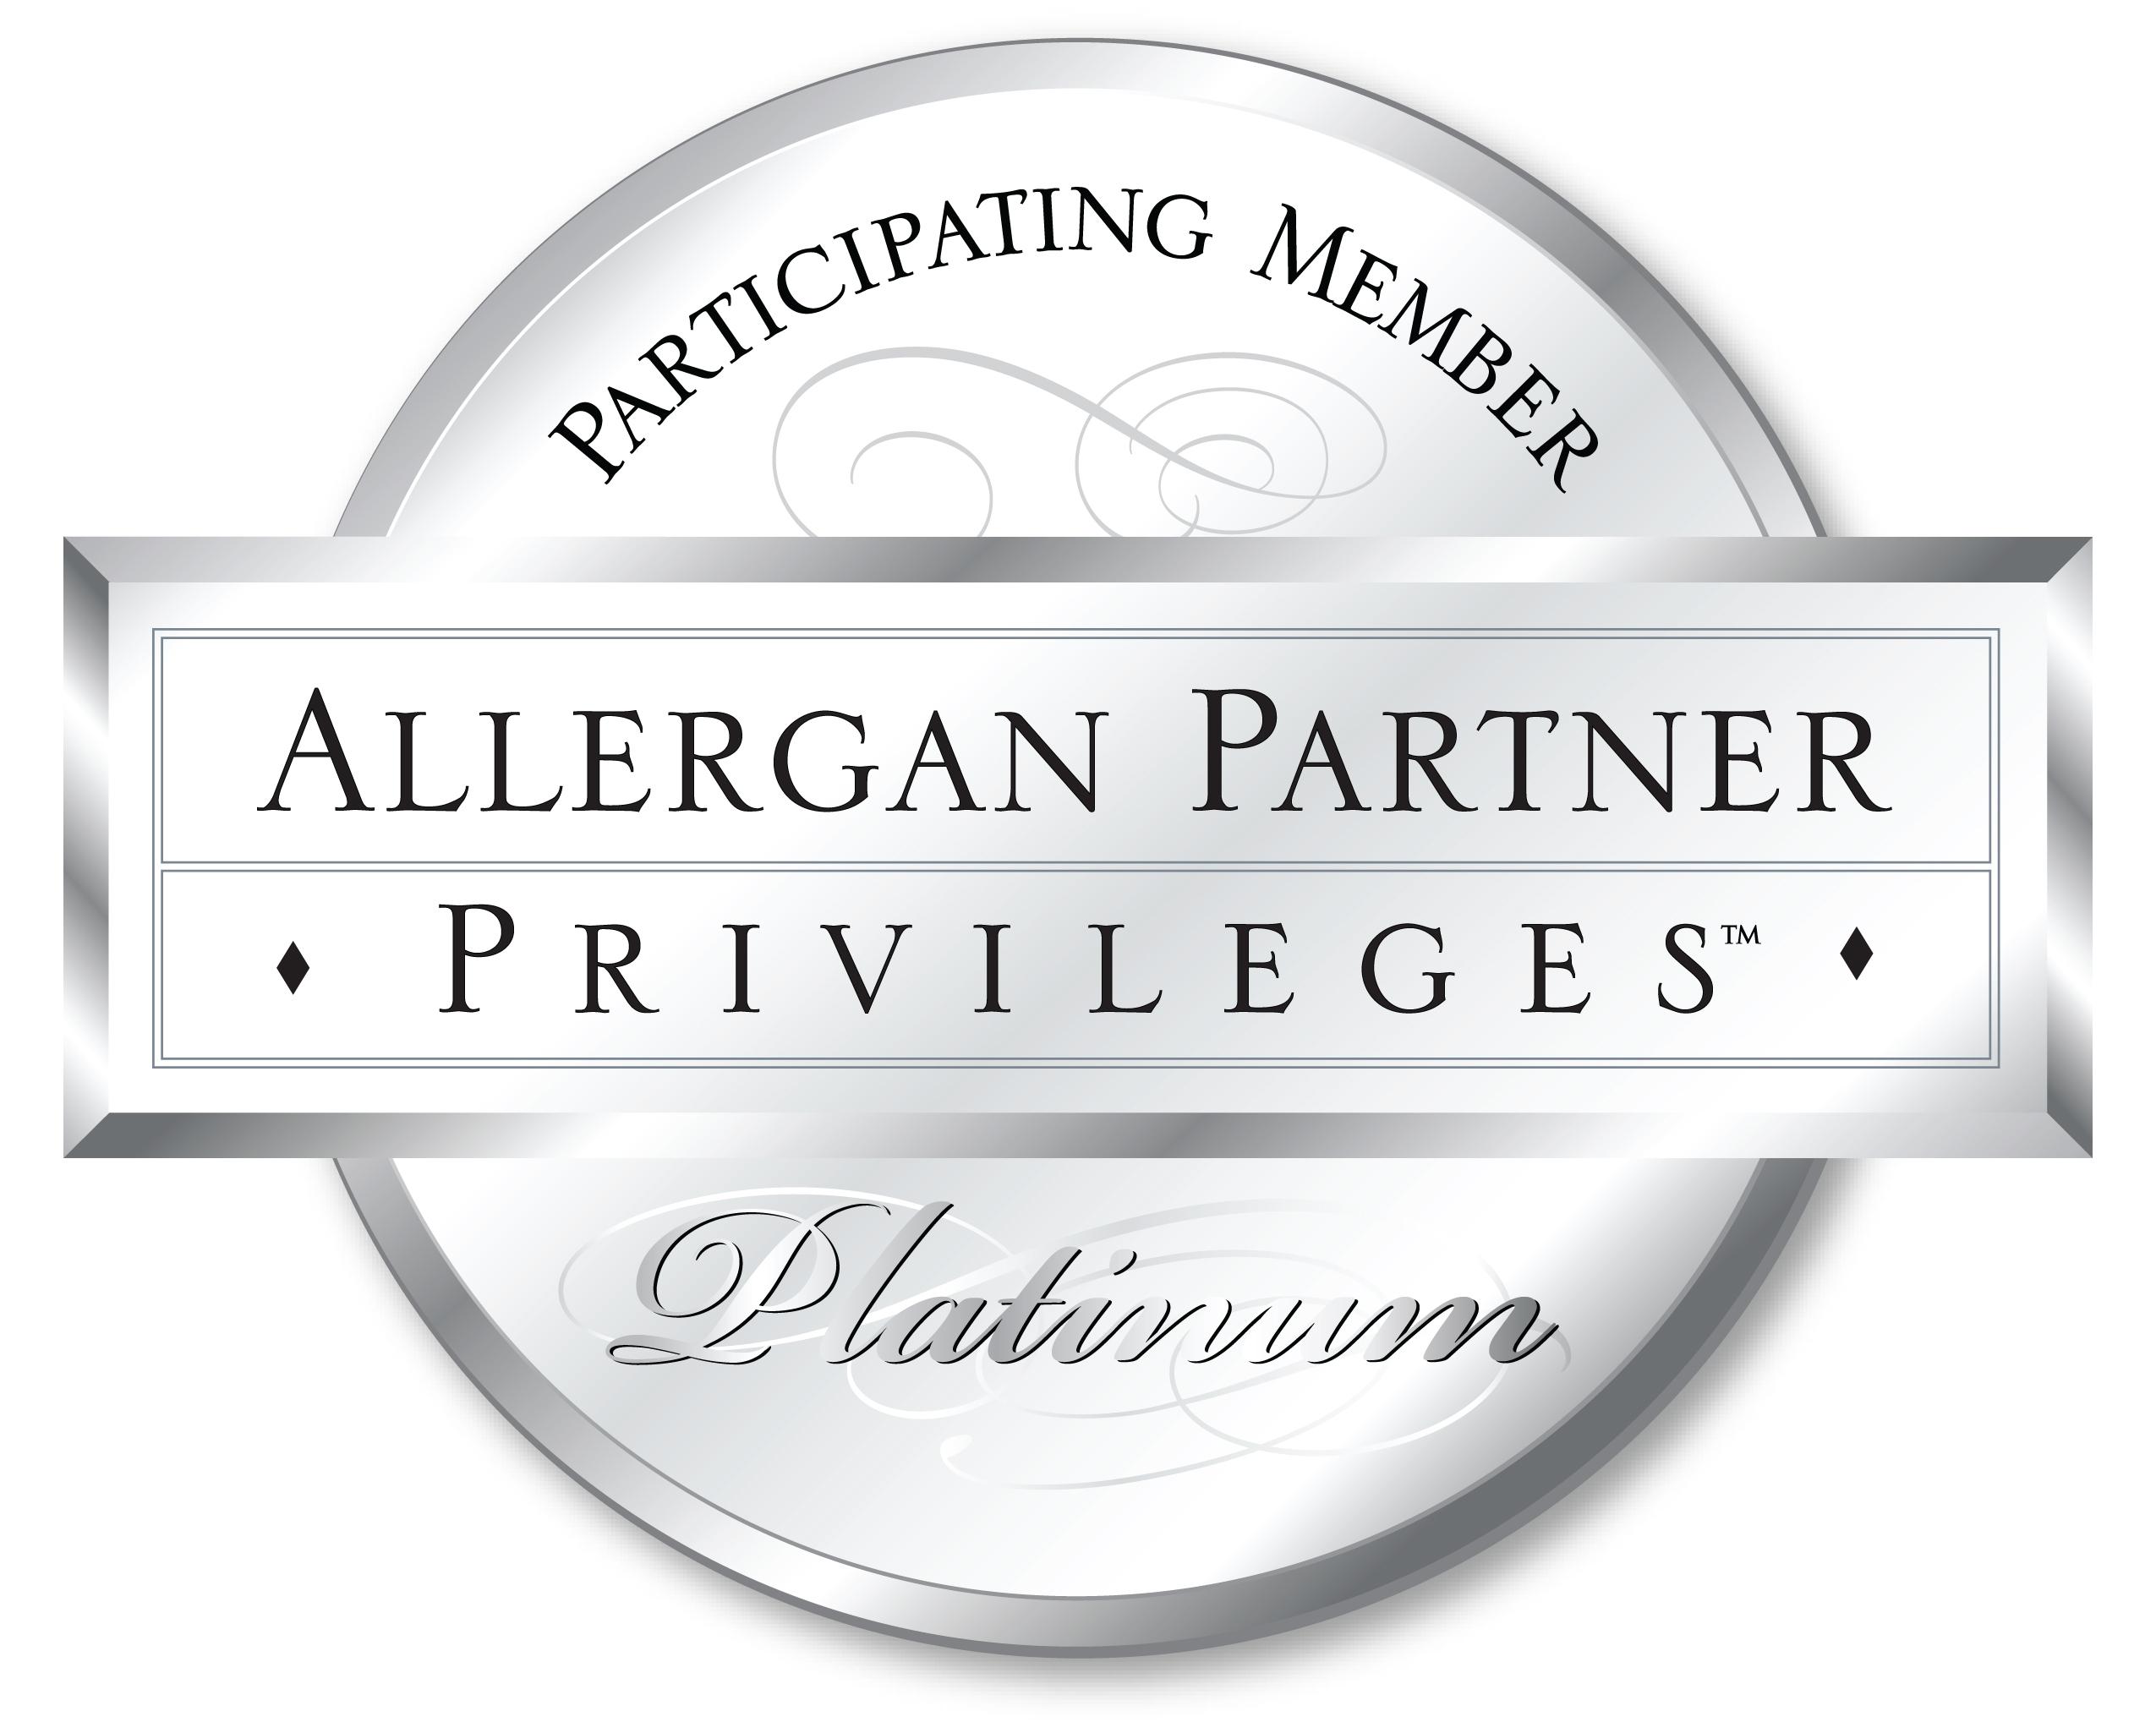 Allergan Platinum Partner